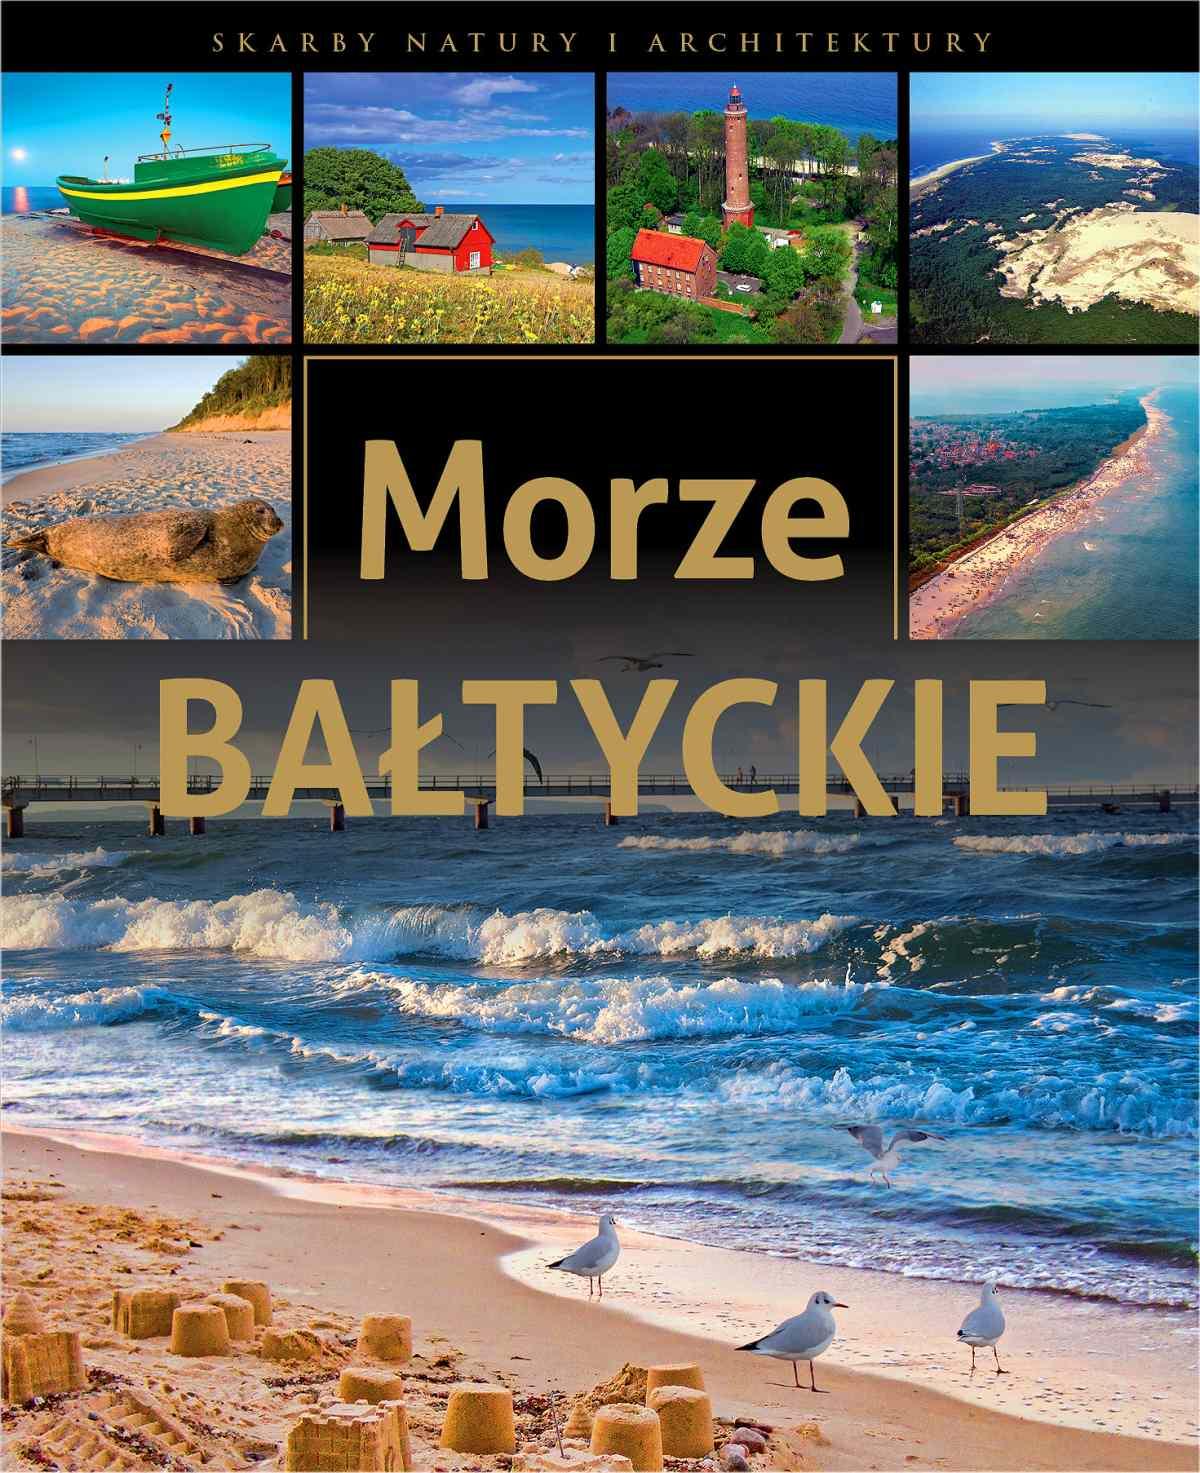 Morze Bałtyckie - Ebook (Książka PDF) do pobrania w formacie PDF